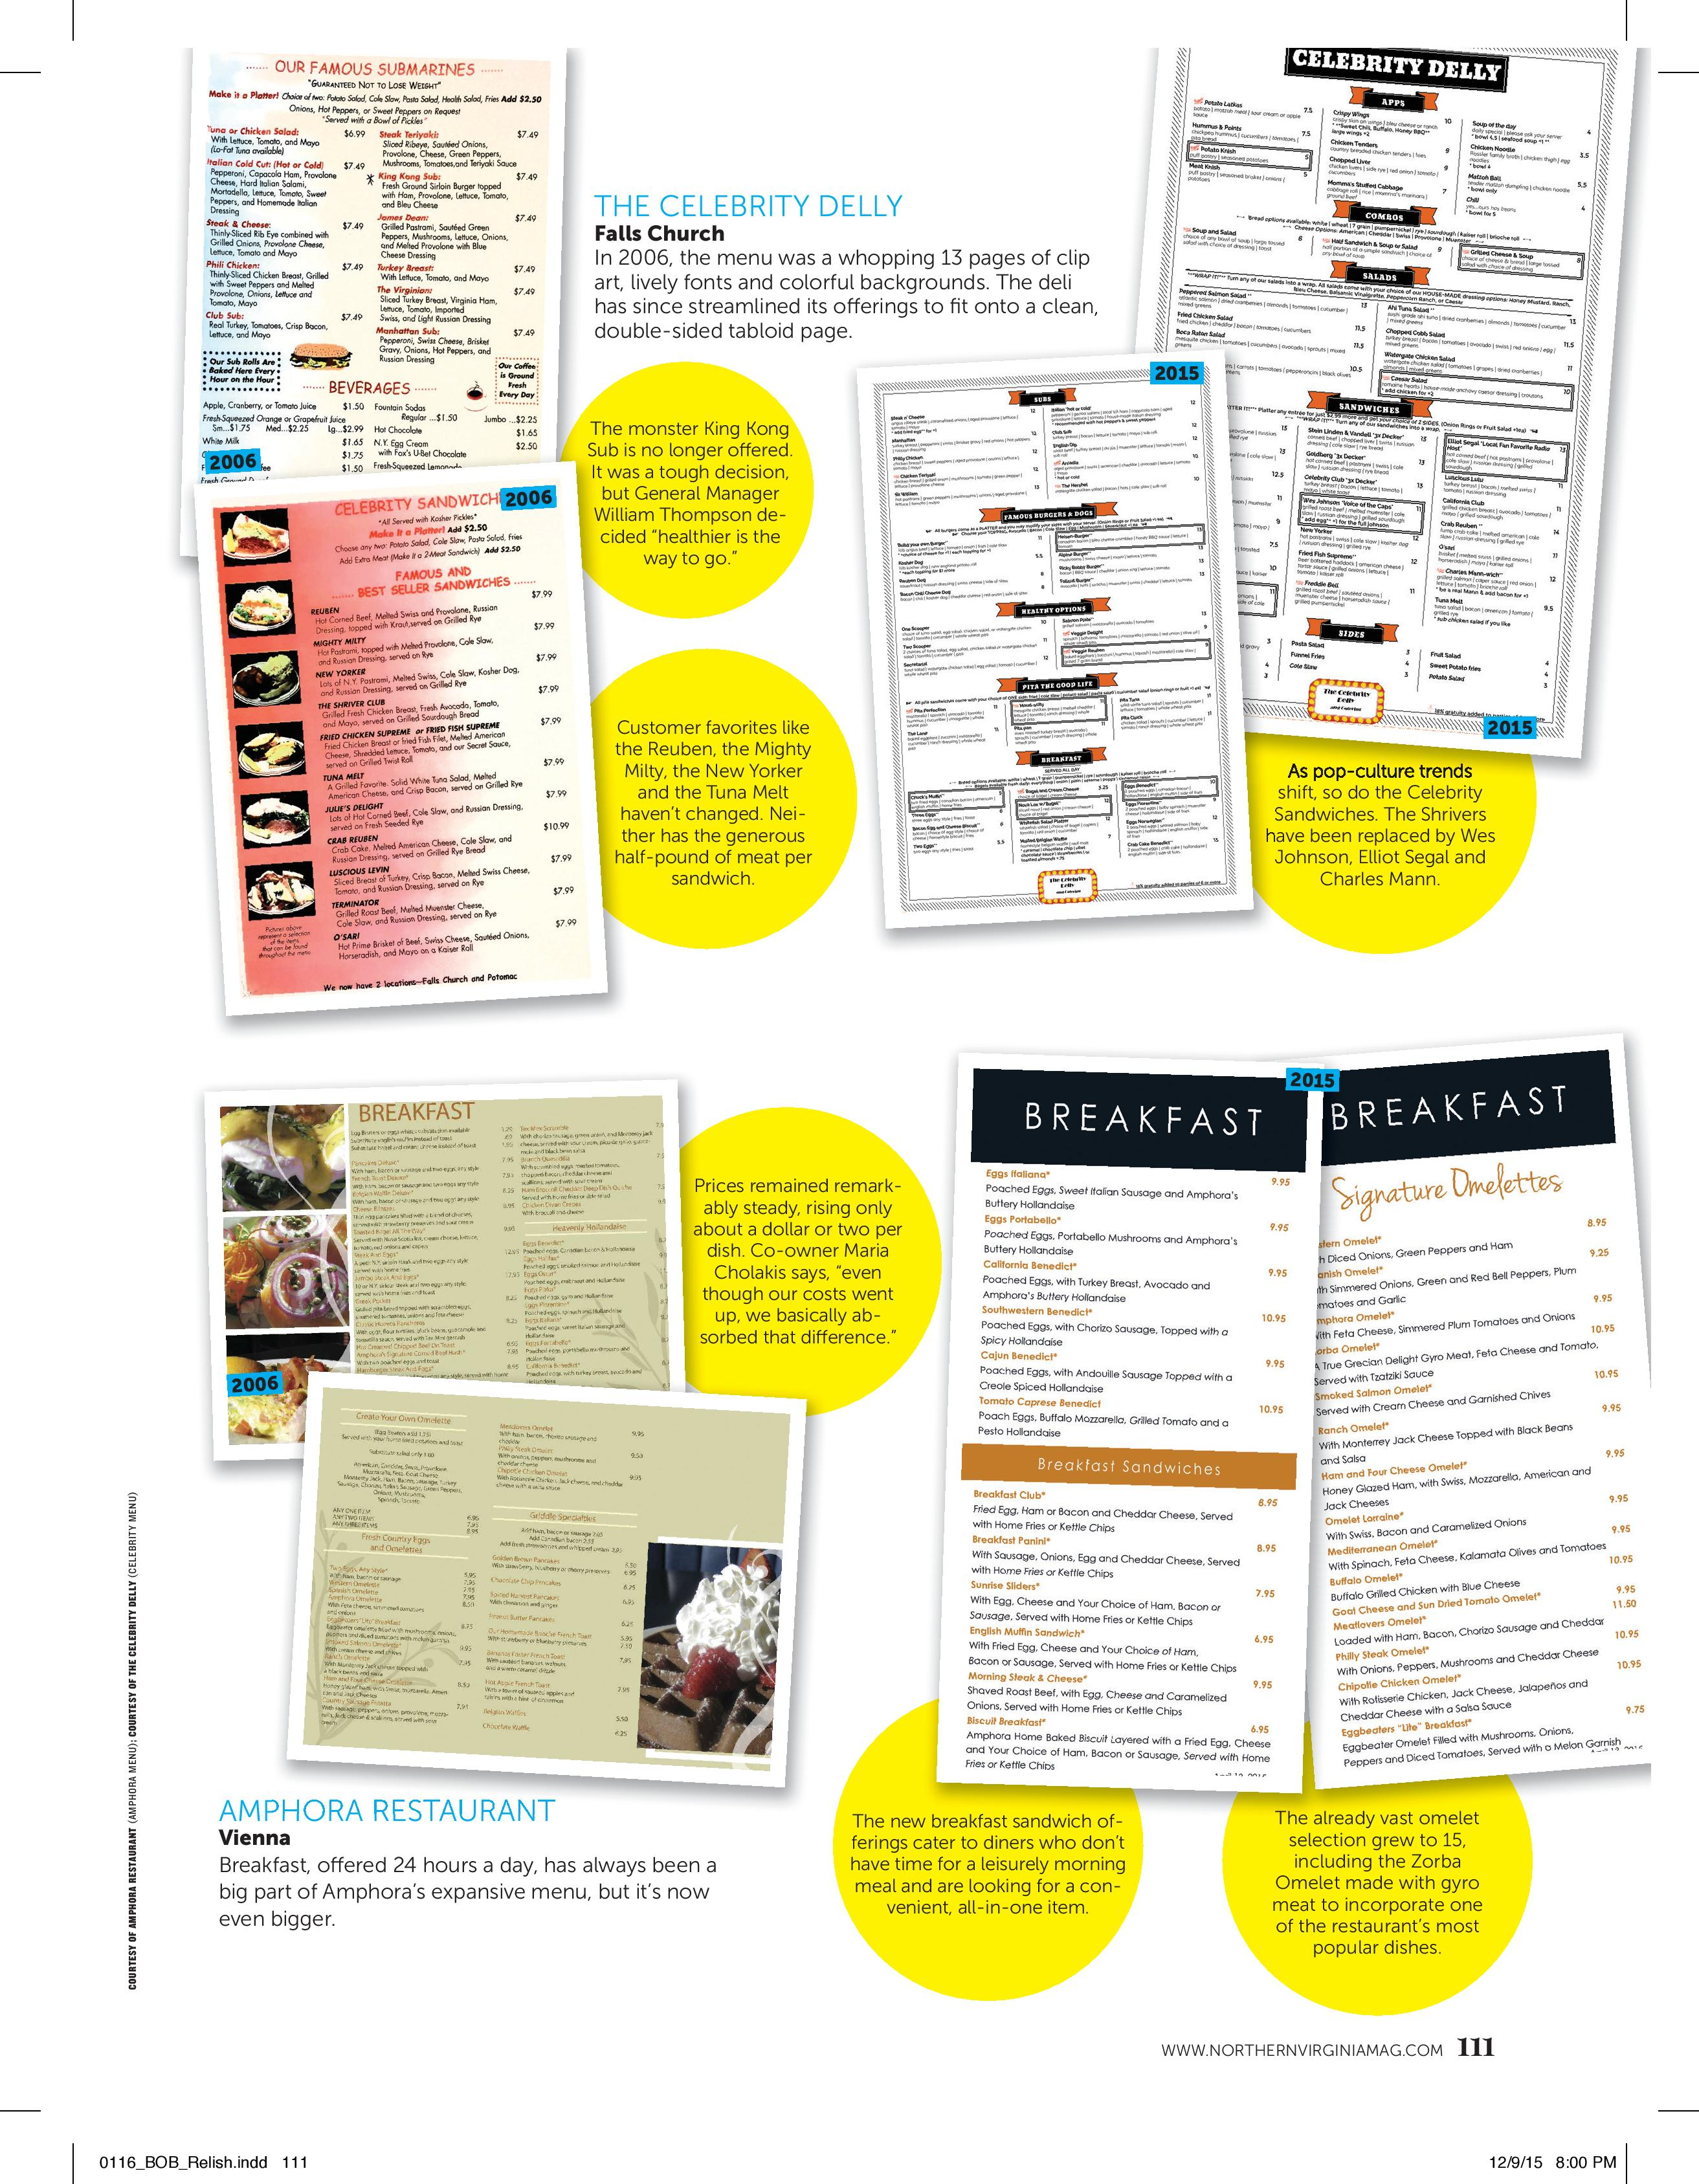 111r1_NorthernVirginia-page-001